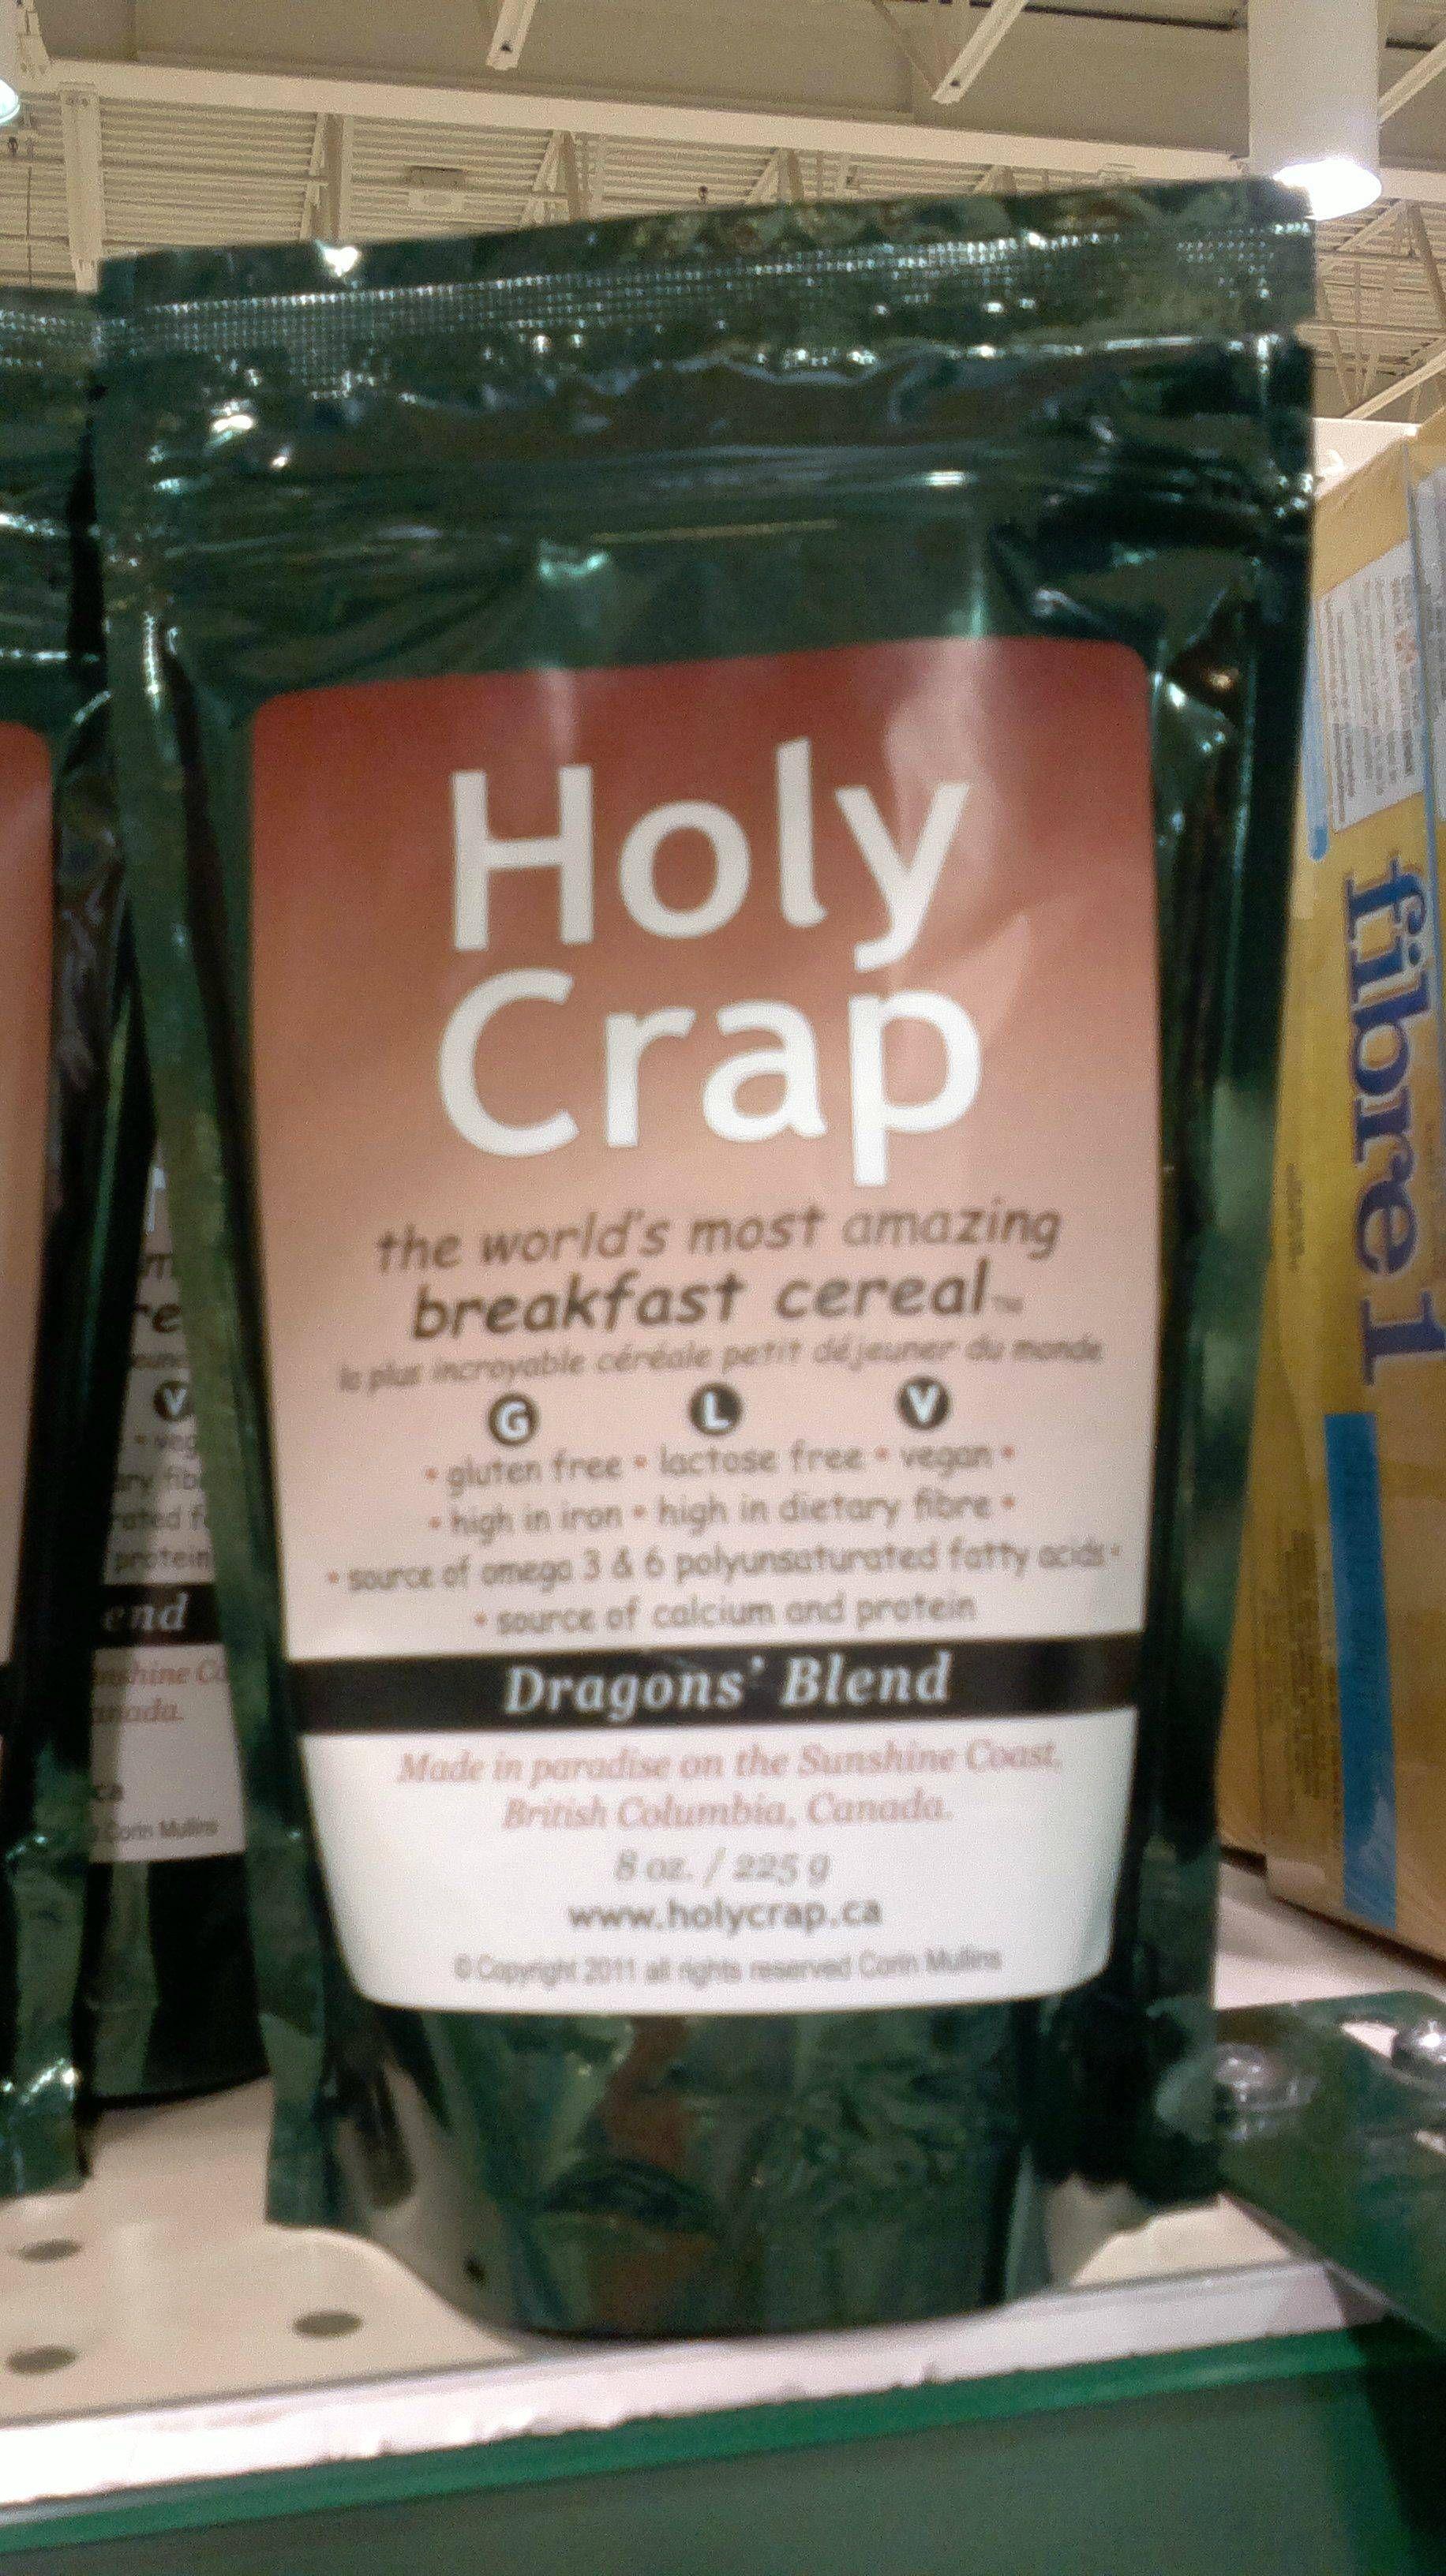 Hoooooly crap!